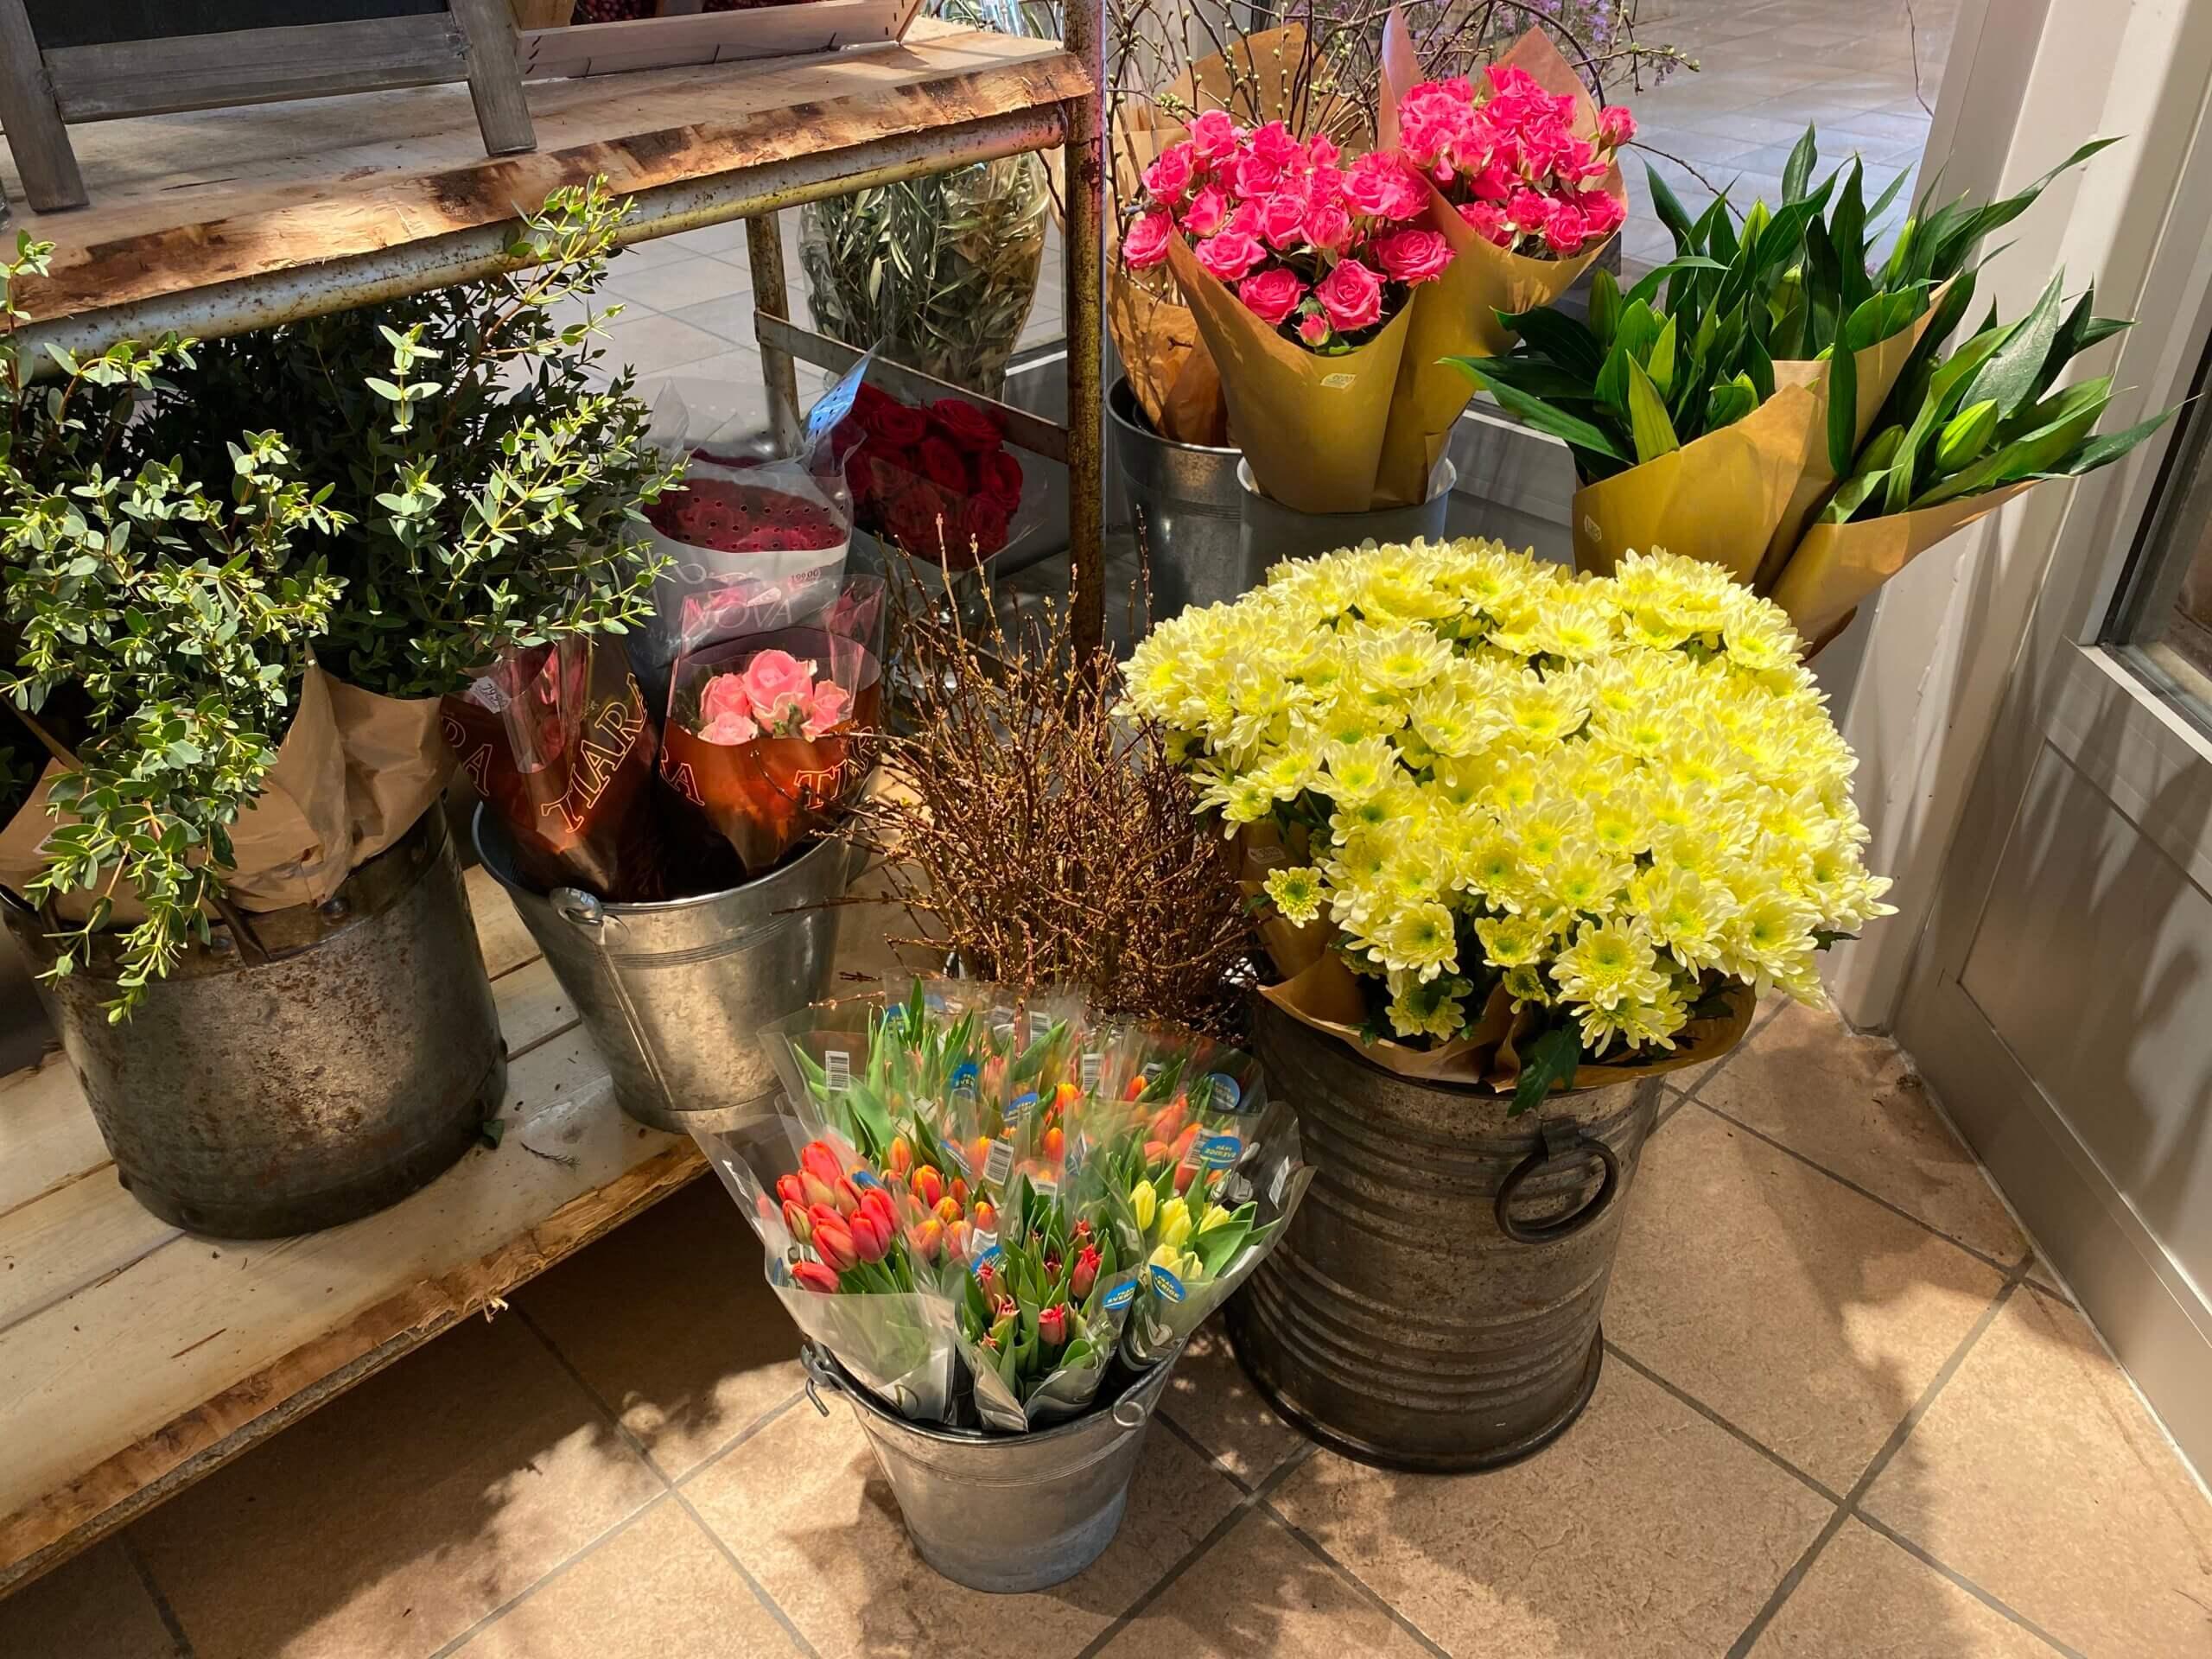 Buntar med snittblommor hittar du alltid i den stora blomsterkylen. Sortimentet varierar efter årstid och säsong.